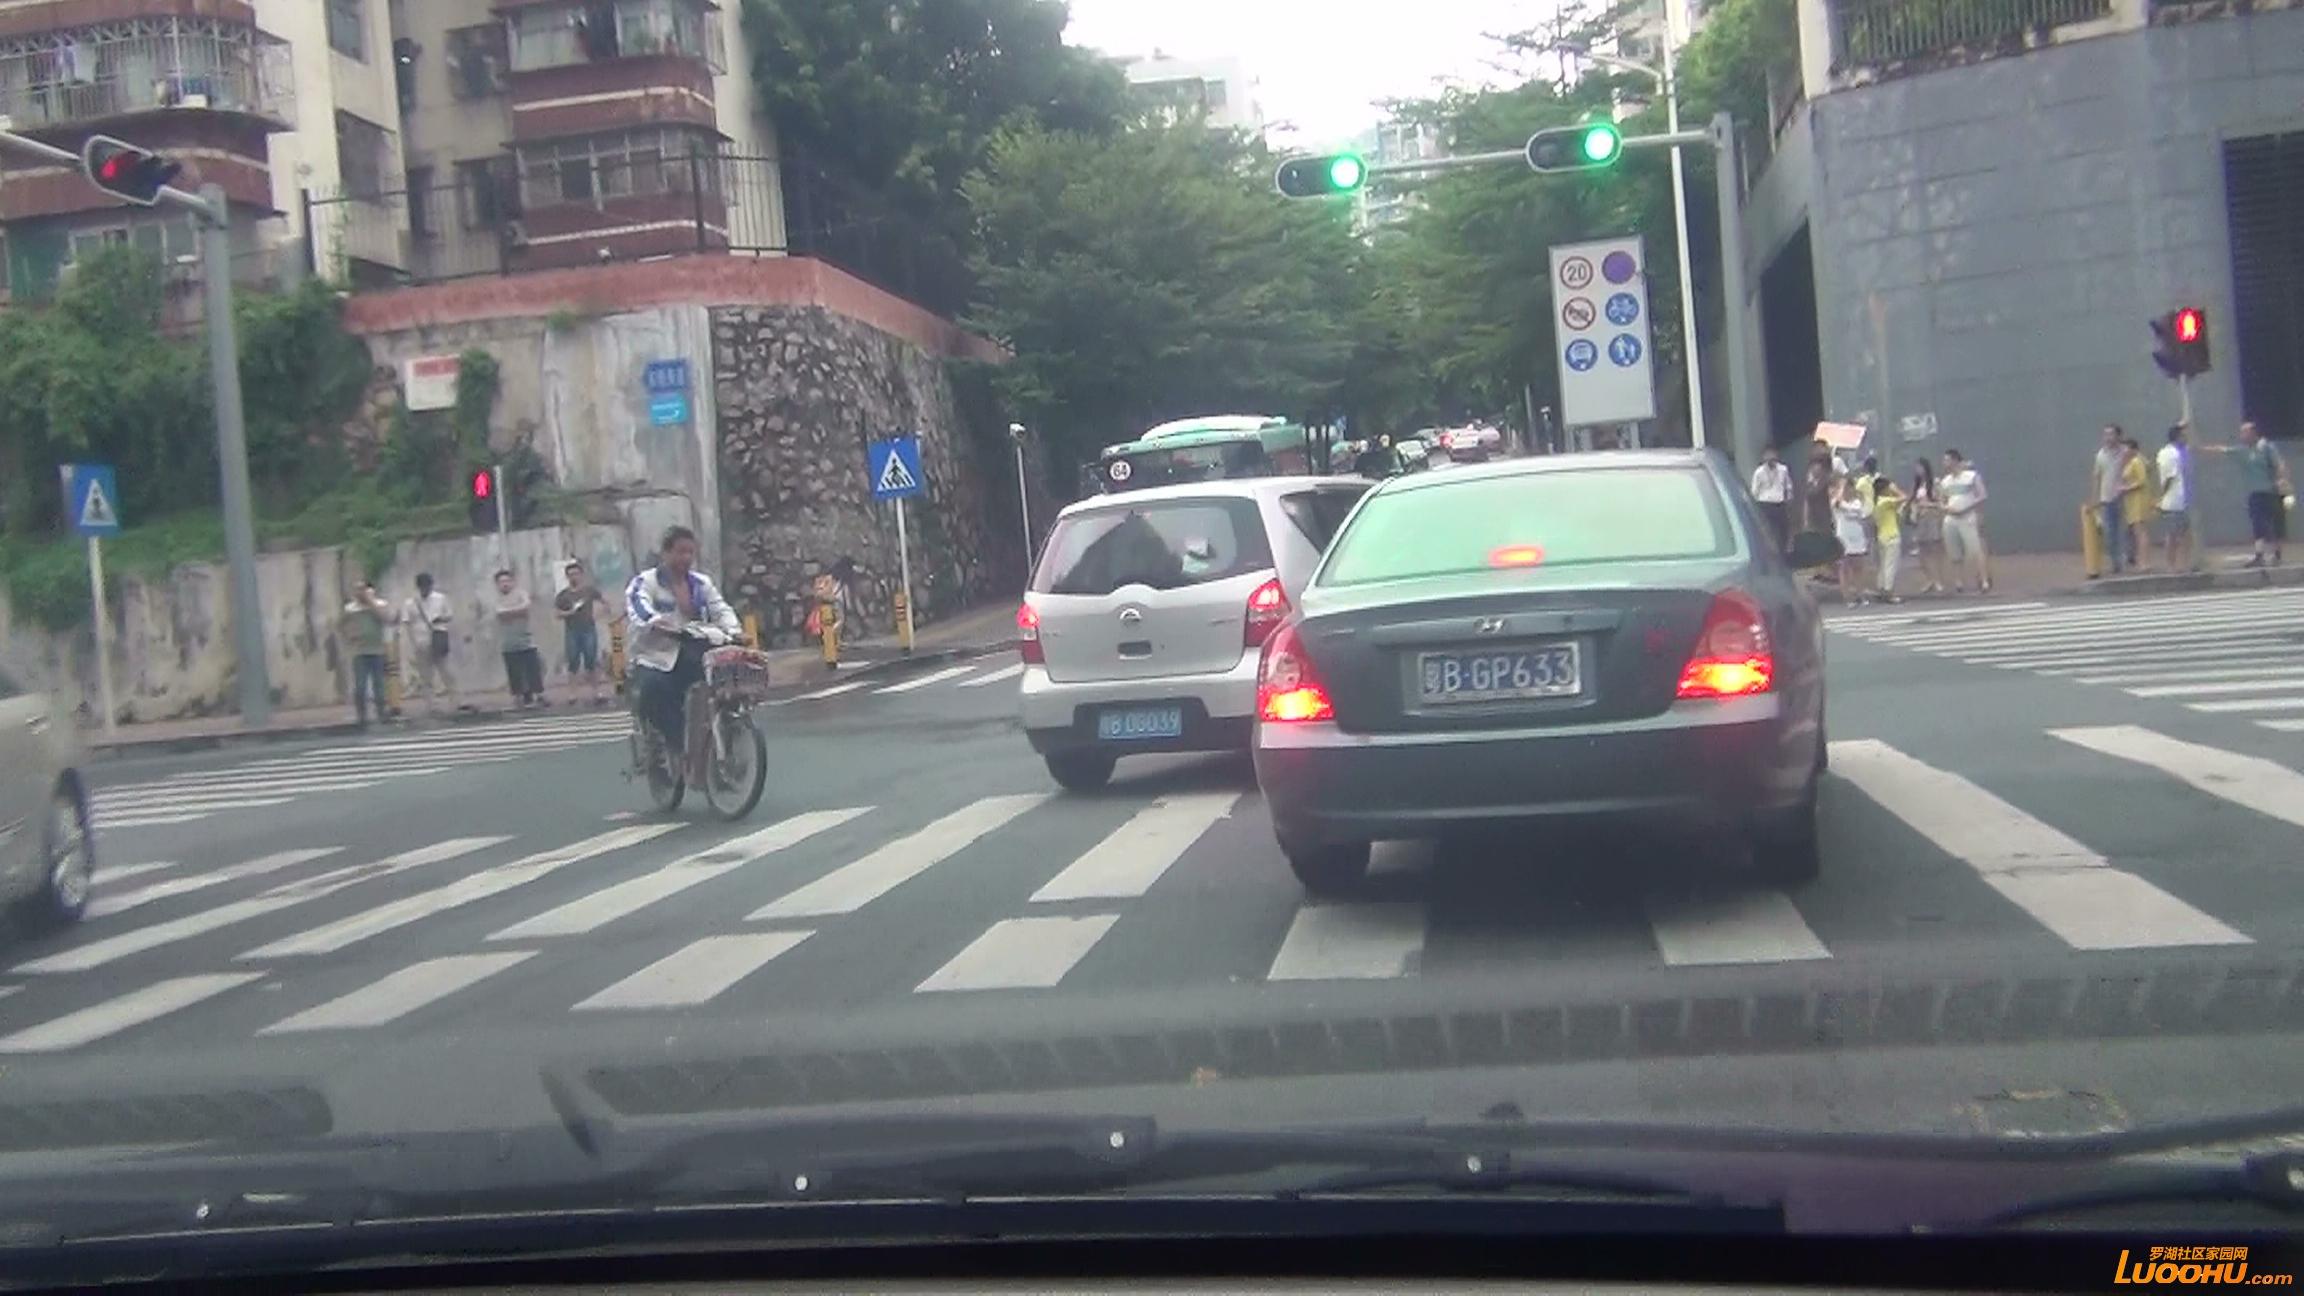 东晓路南往北红色及灰色轿车进入左转道后突然右转后直行造成后车急刹 (7).jpg.jpg